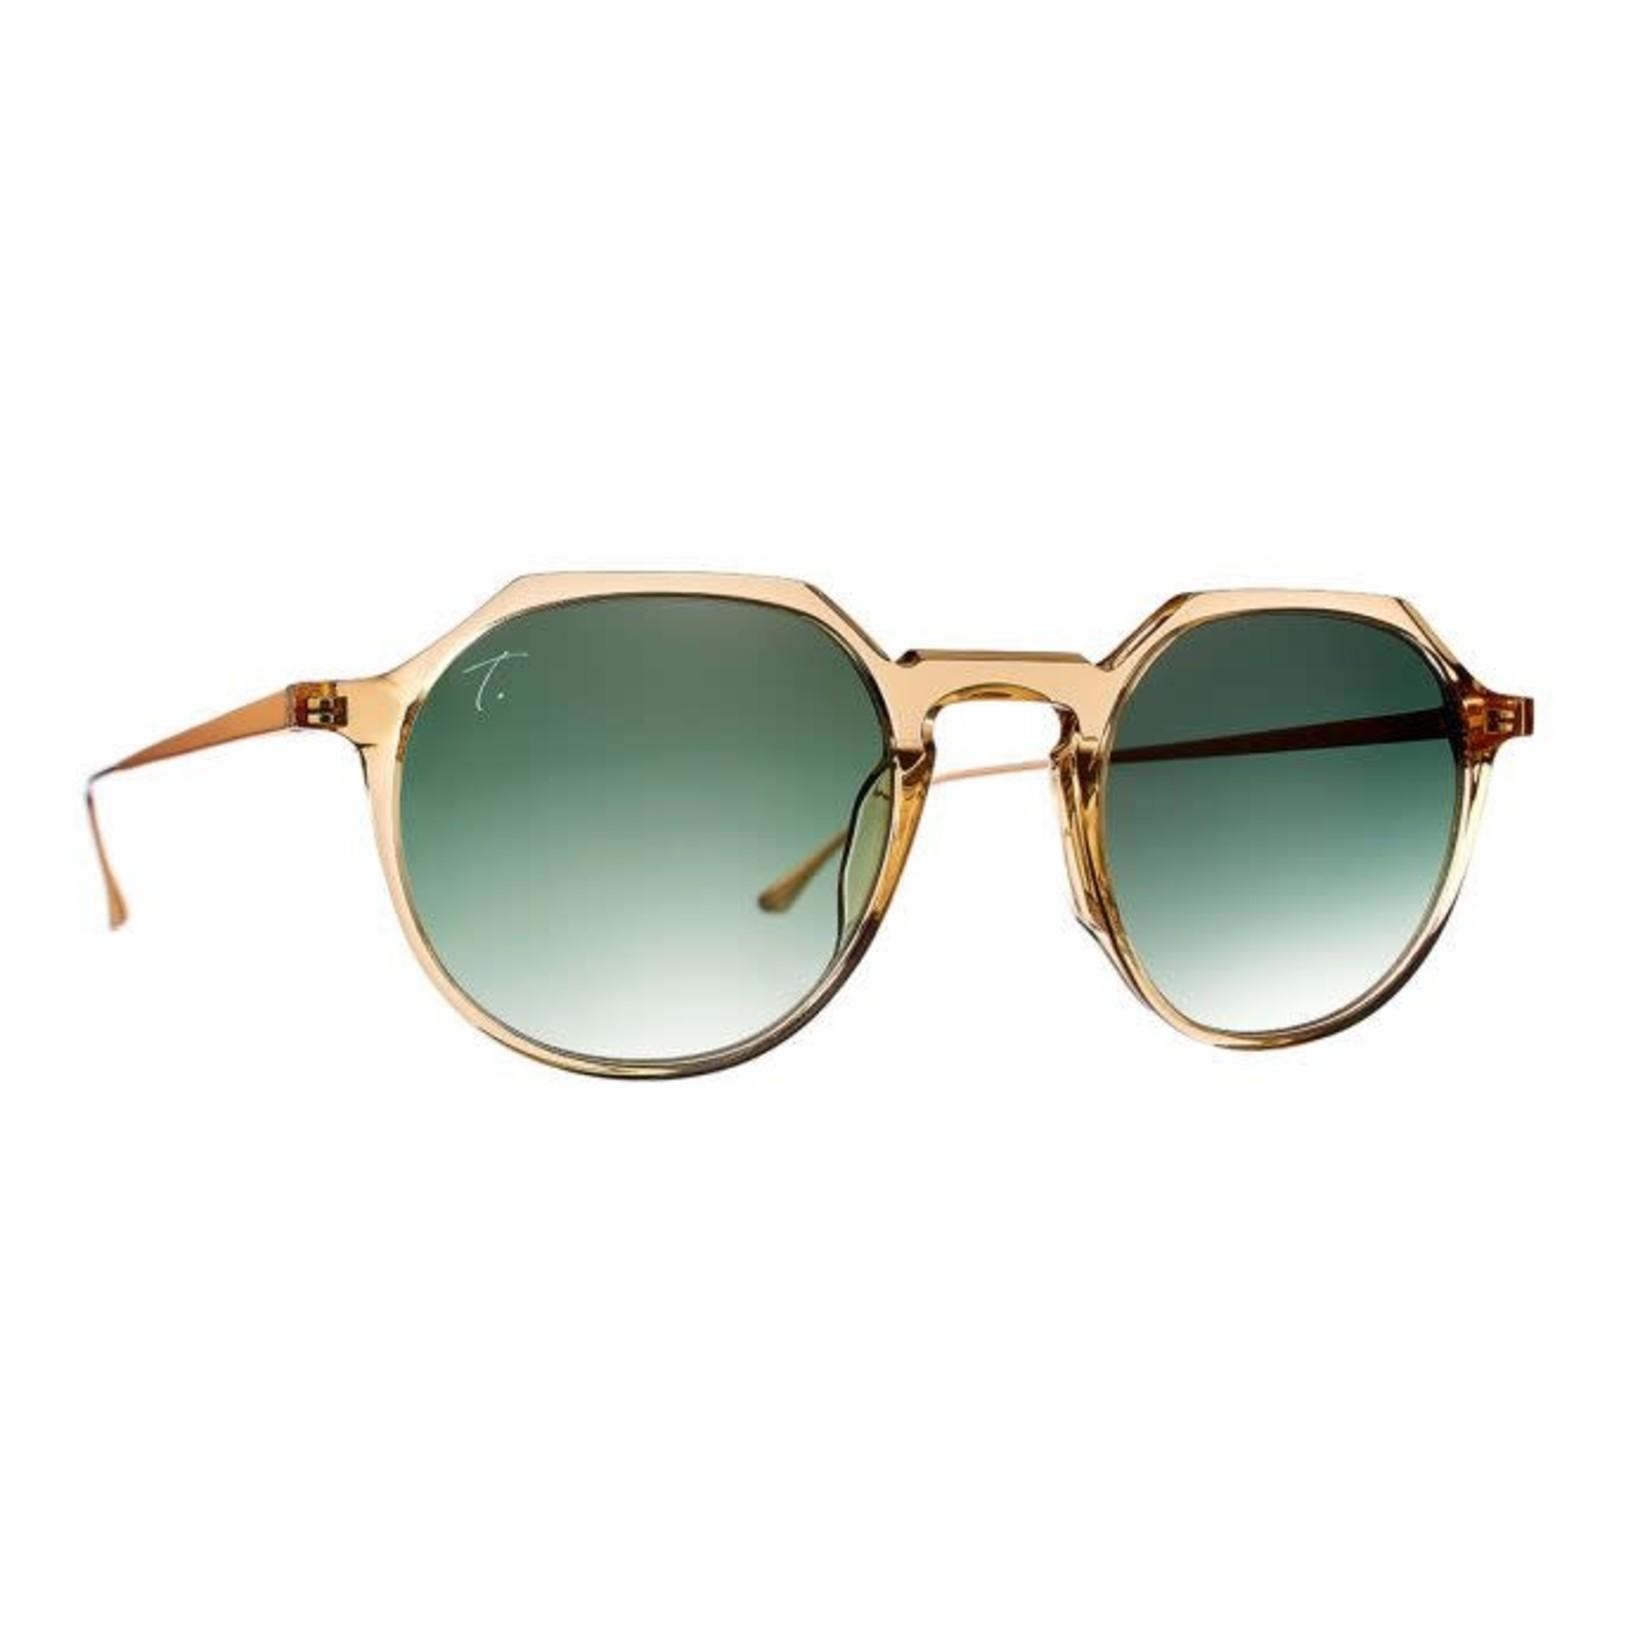 Talla Eyewear Talla Cece 2 Sun